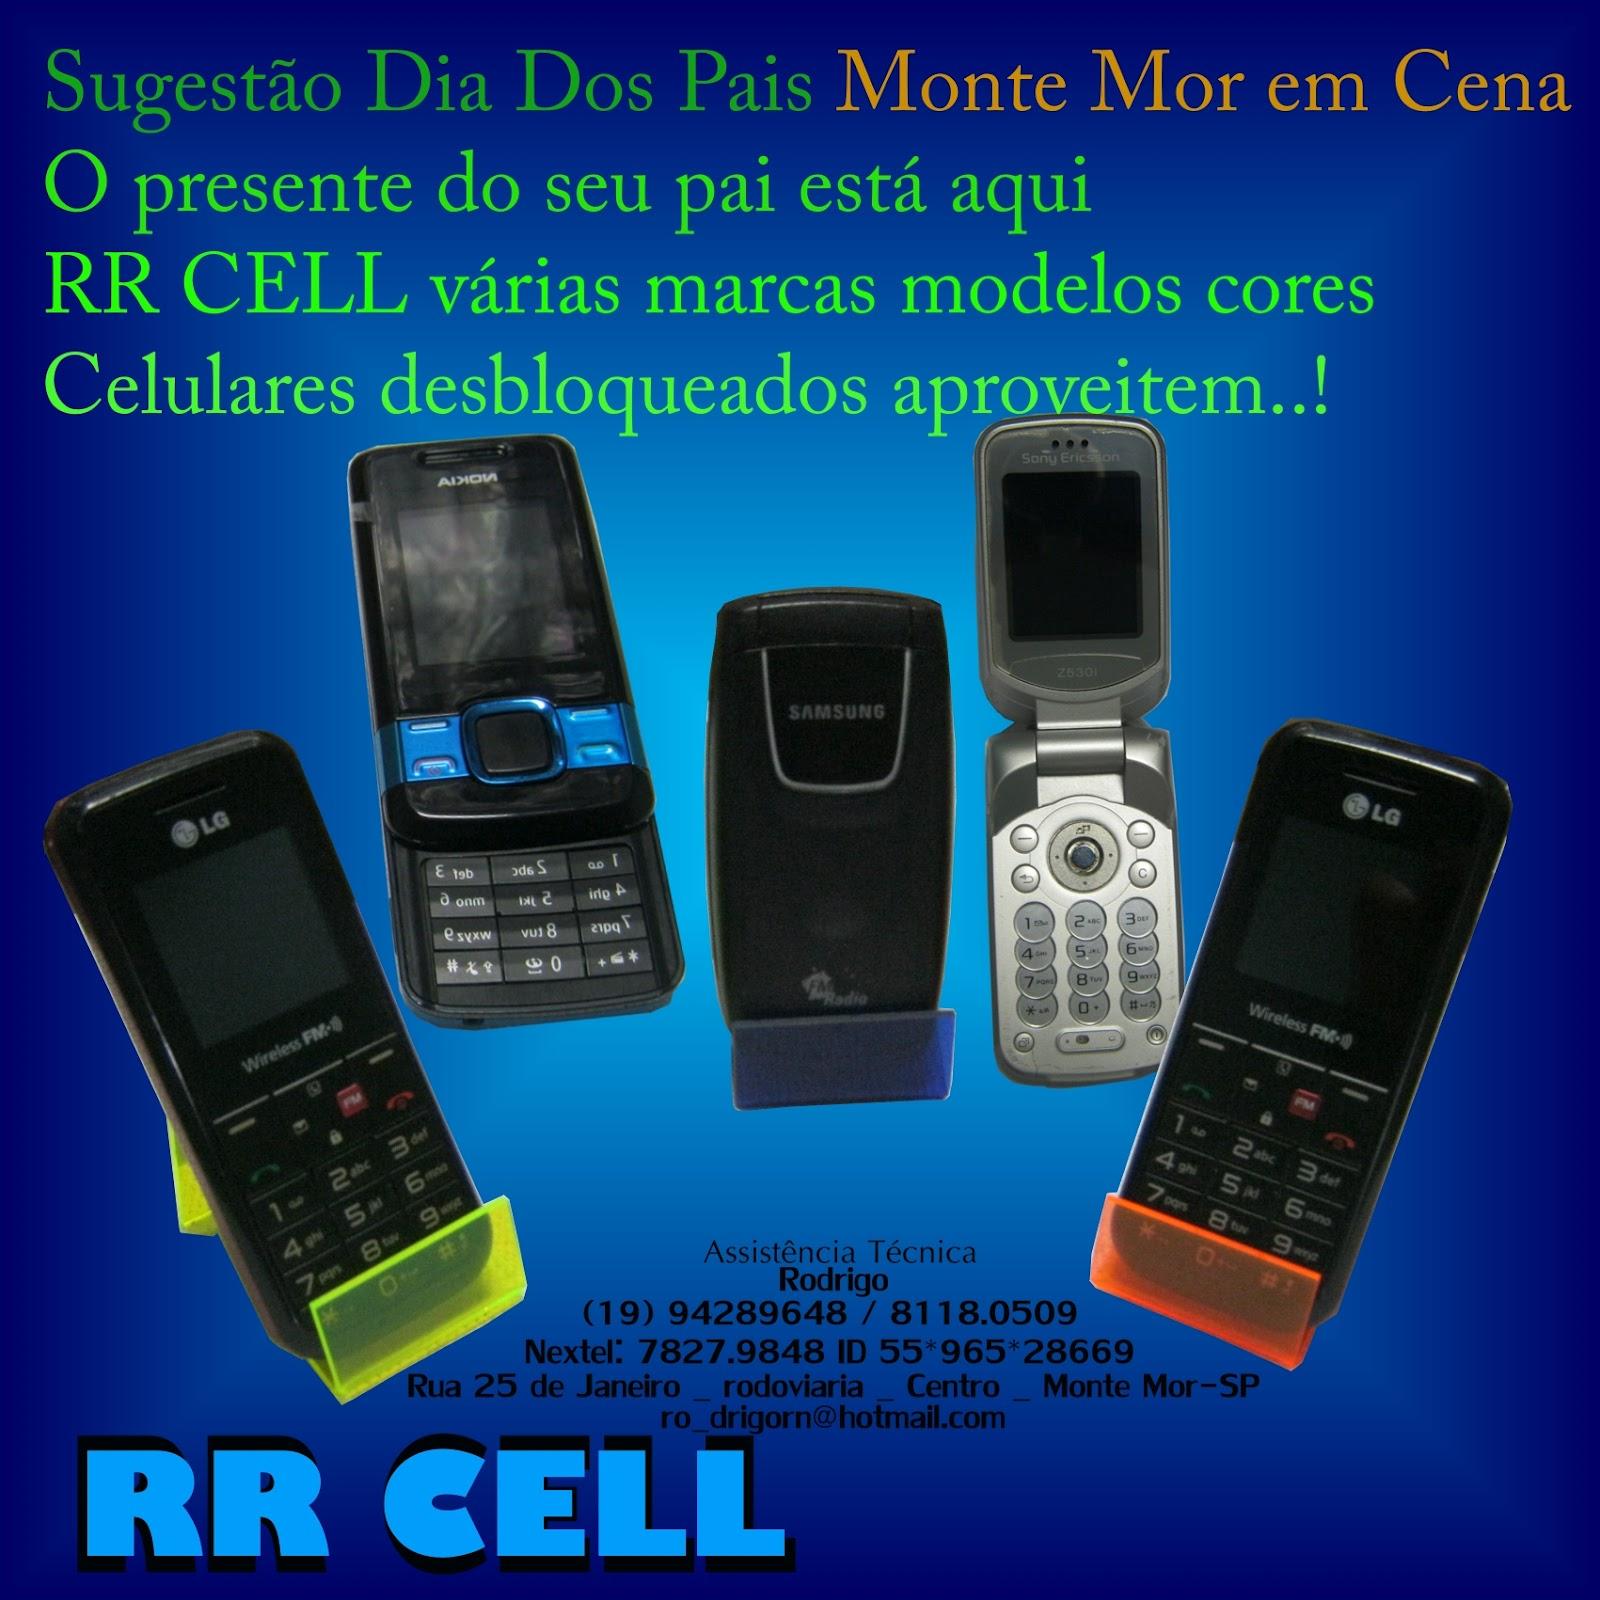 6e795a653 MONTE MOR EM CENA  RR CELL Assistência Técnica Celulares em Monte Mor